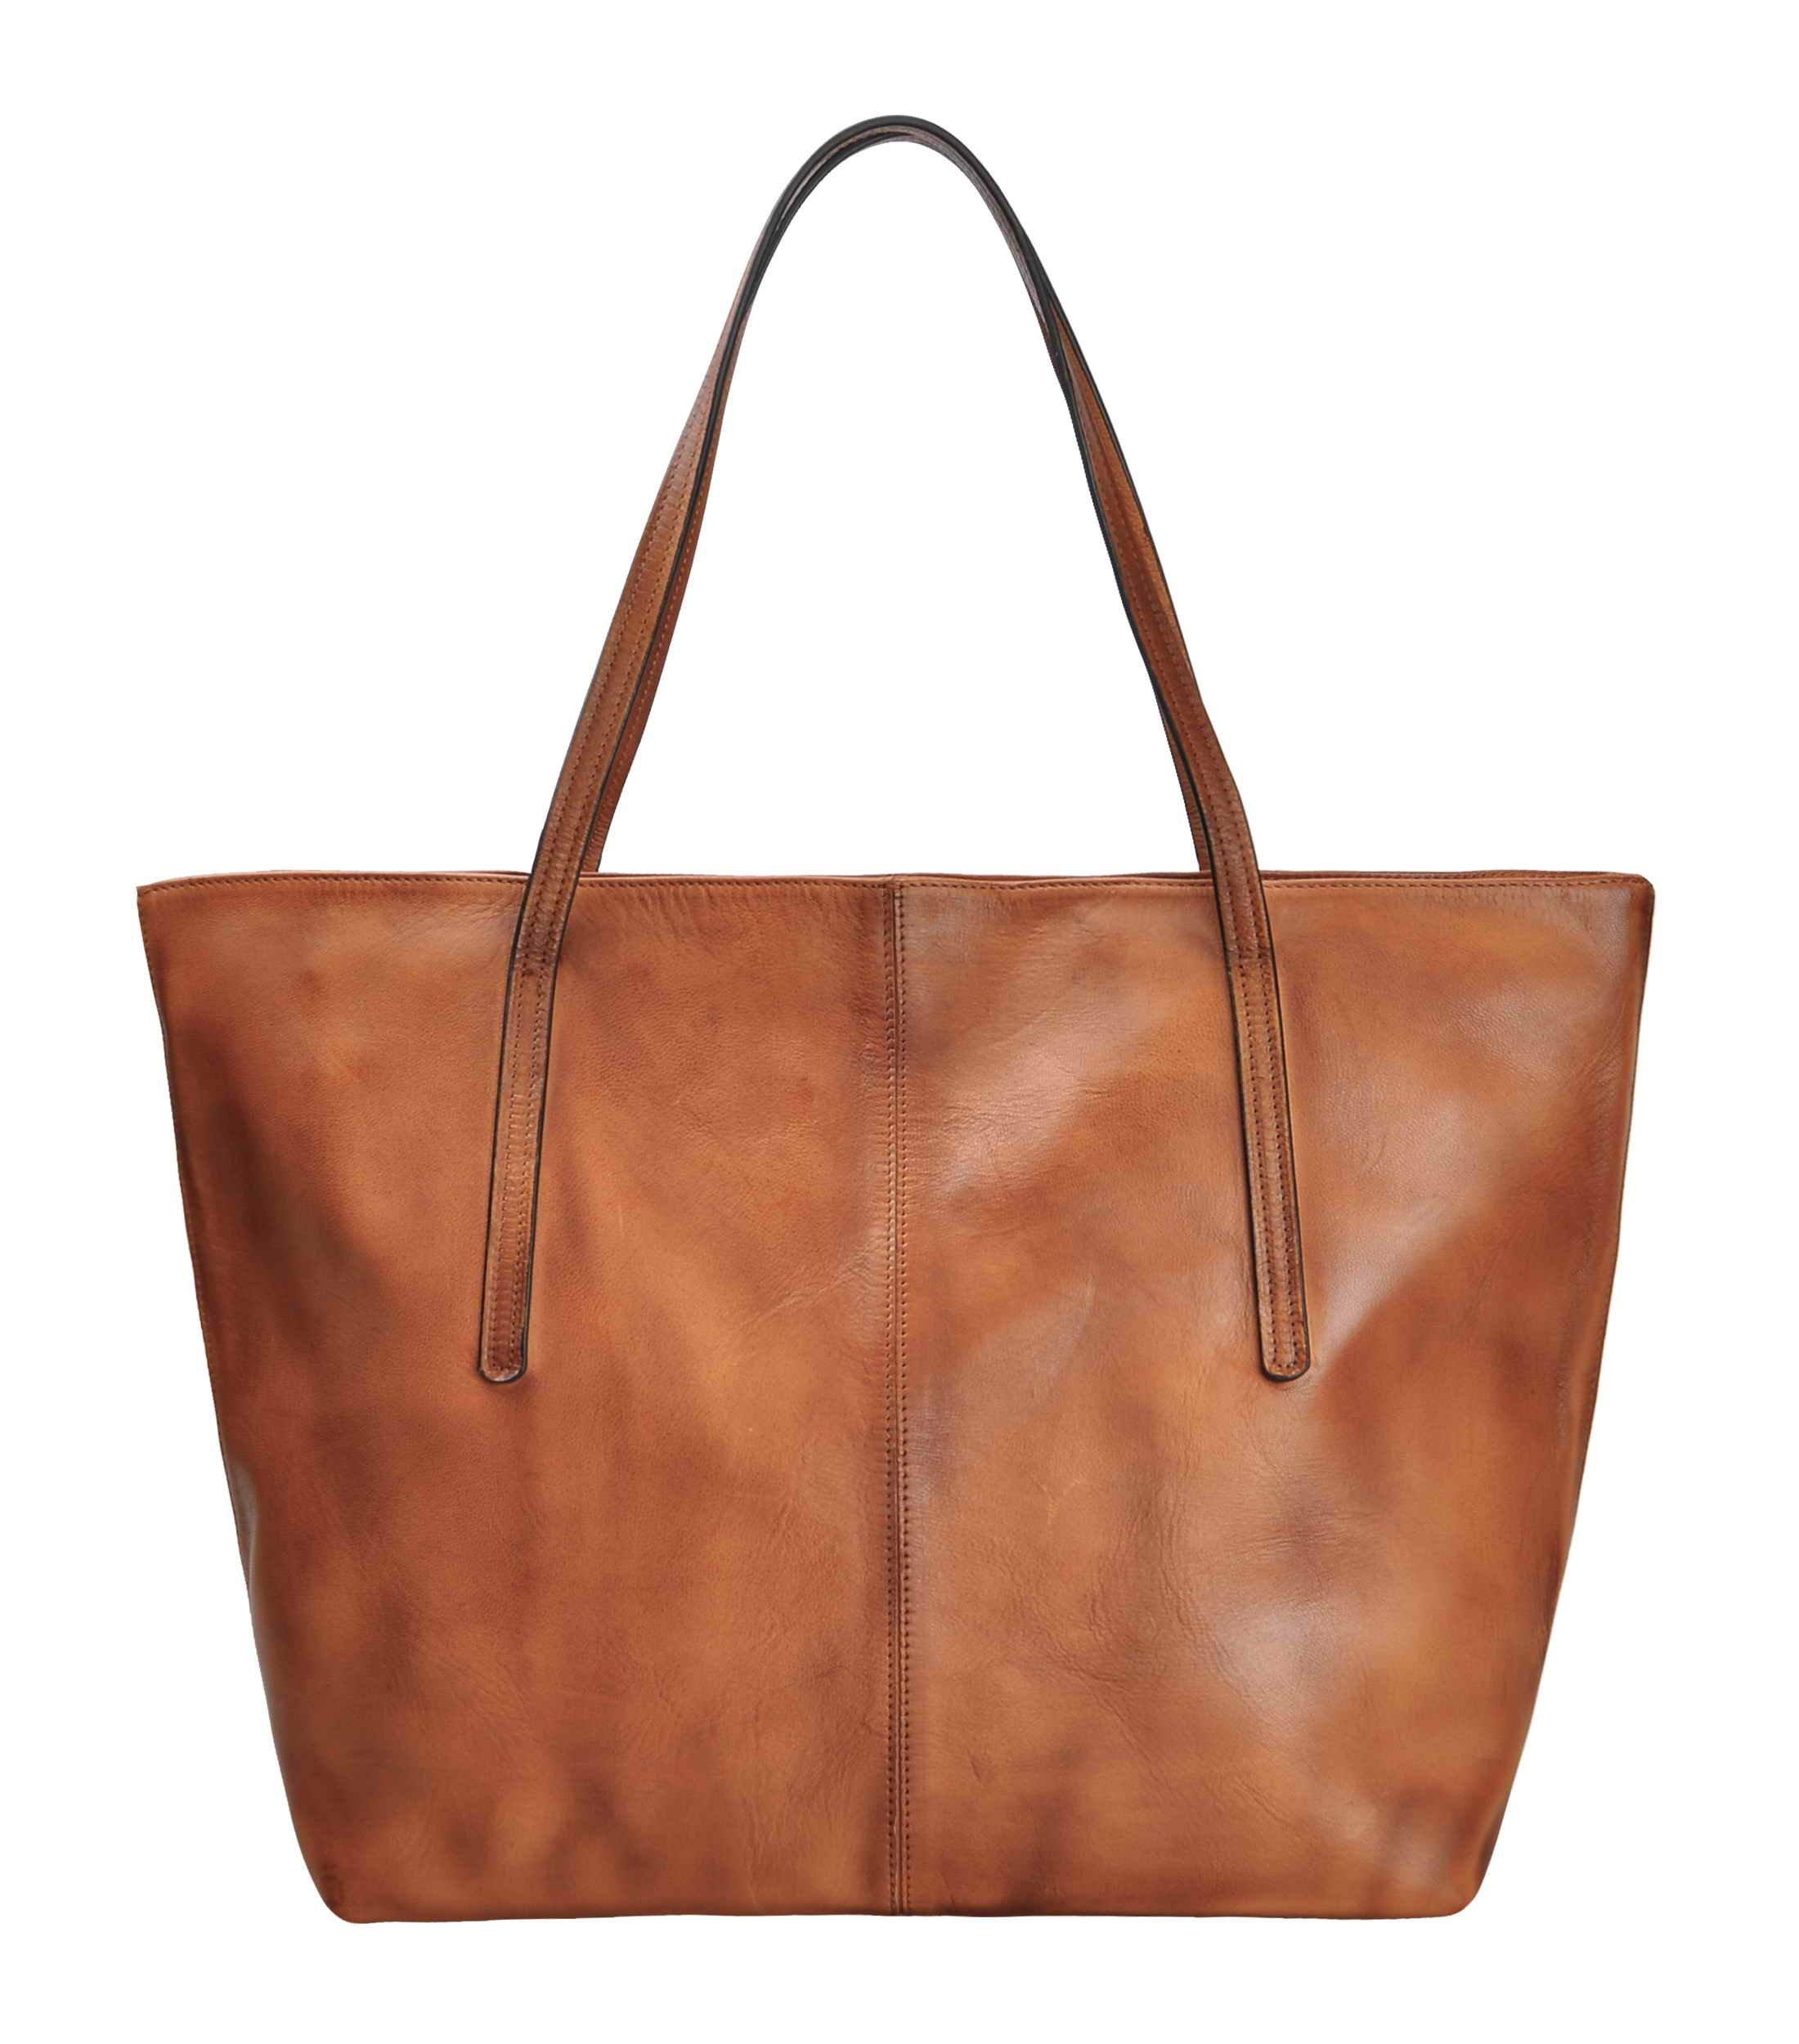 ZLYC Women Vintage Dip Dye Leather Tote Bag Handbag Large Zippered Shoulder Bag, Brown